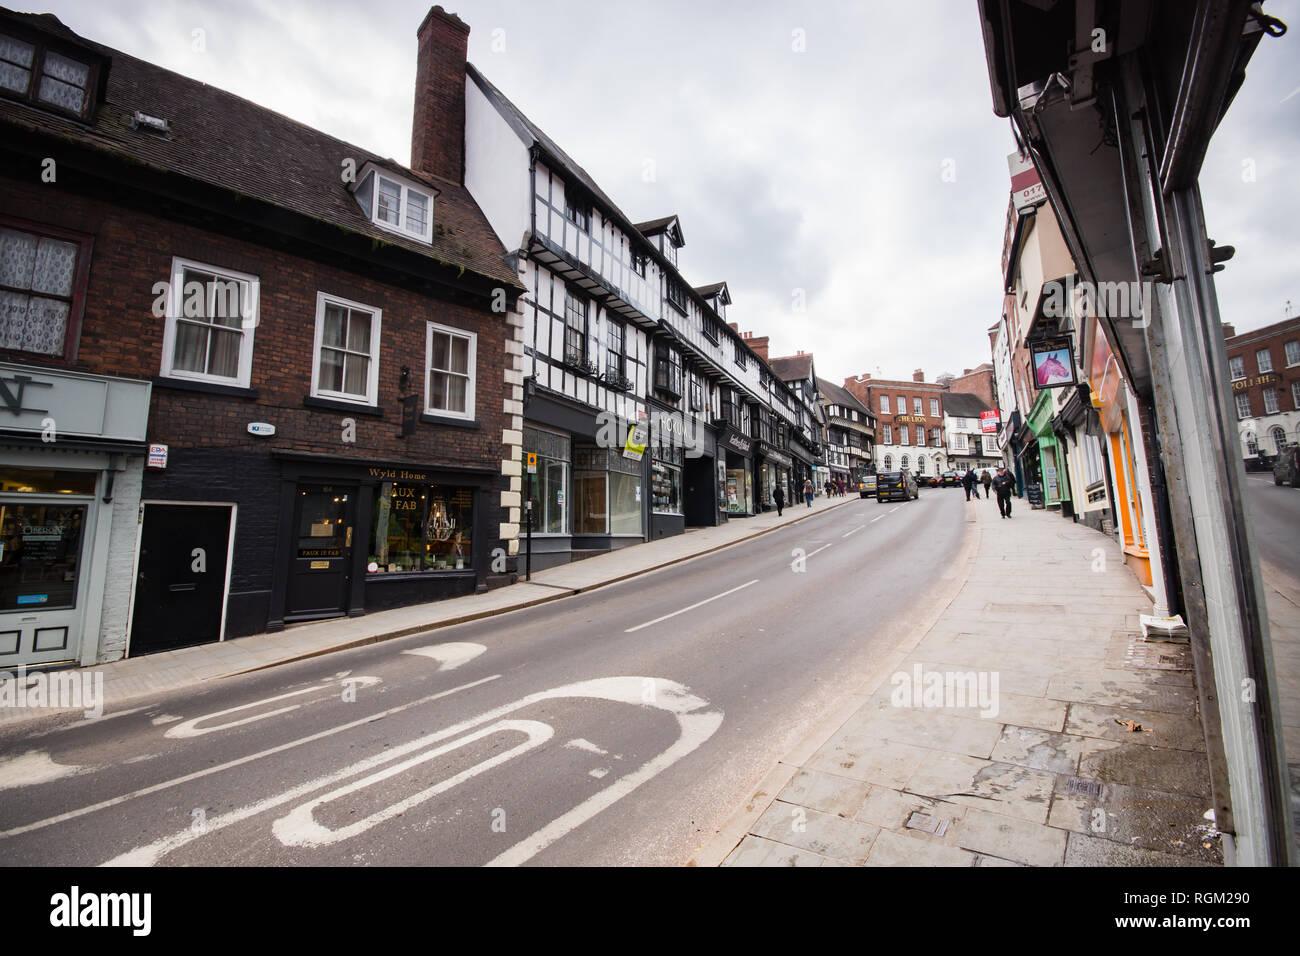 gratuit en ligne datant Shrewsbury